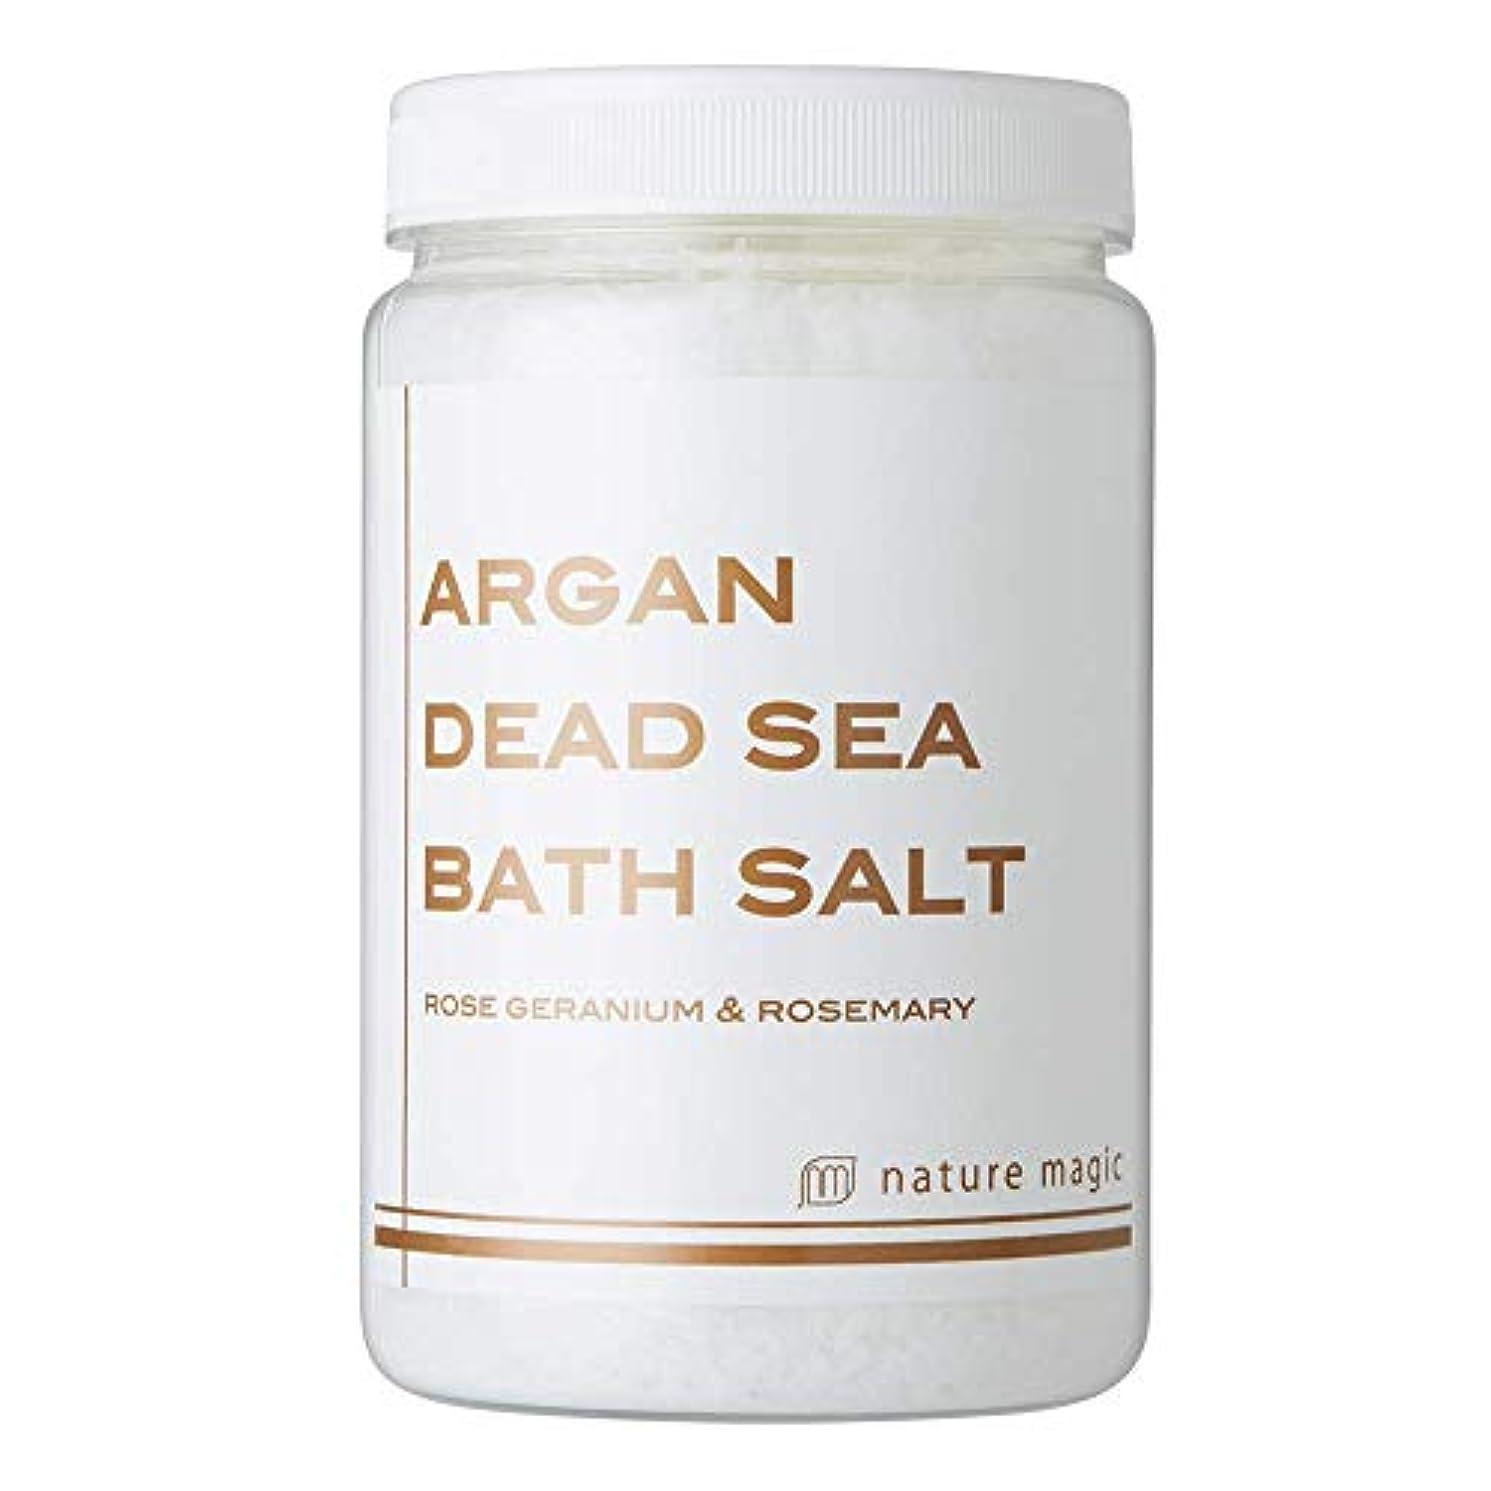 区画エラー焦げ【死海の天然塩にアルガンオイルを配合した全身ポカポカ、お肌つるつる入浴剤】アルガンデッドシーバスソルト